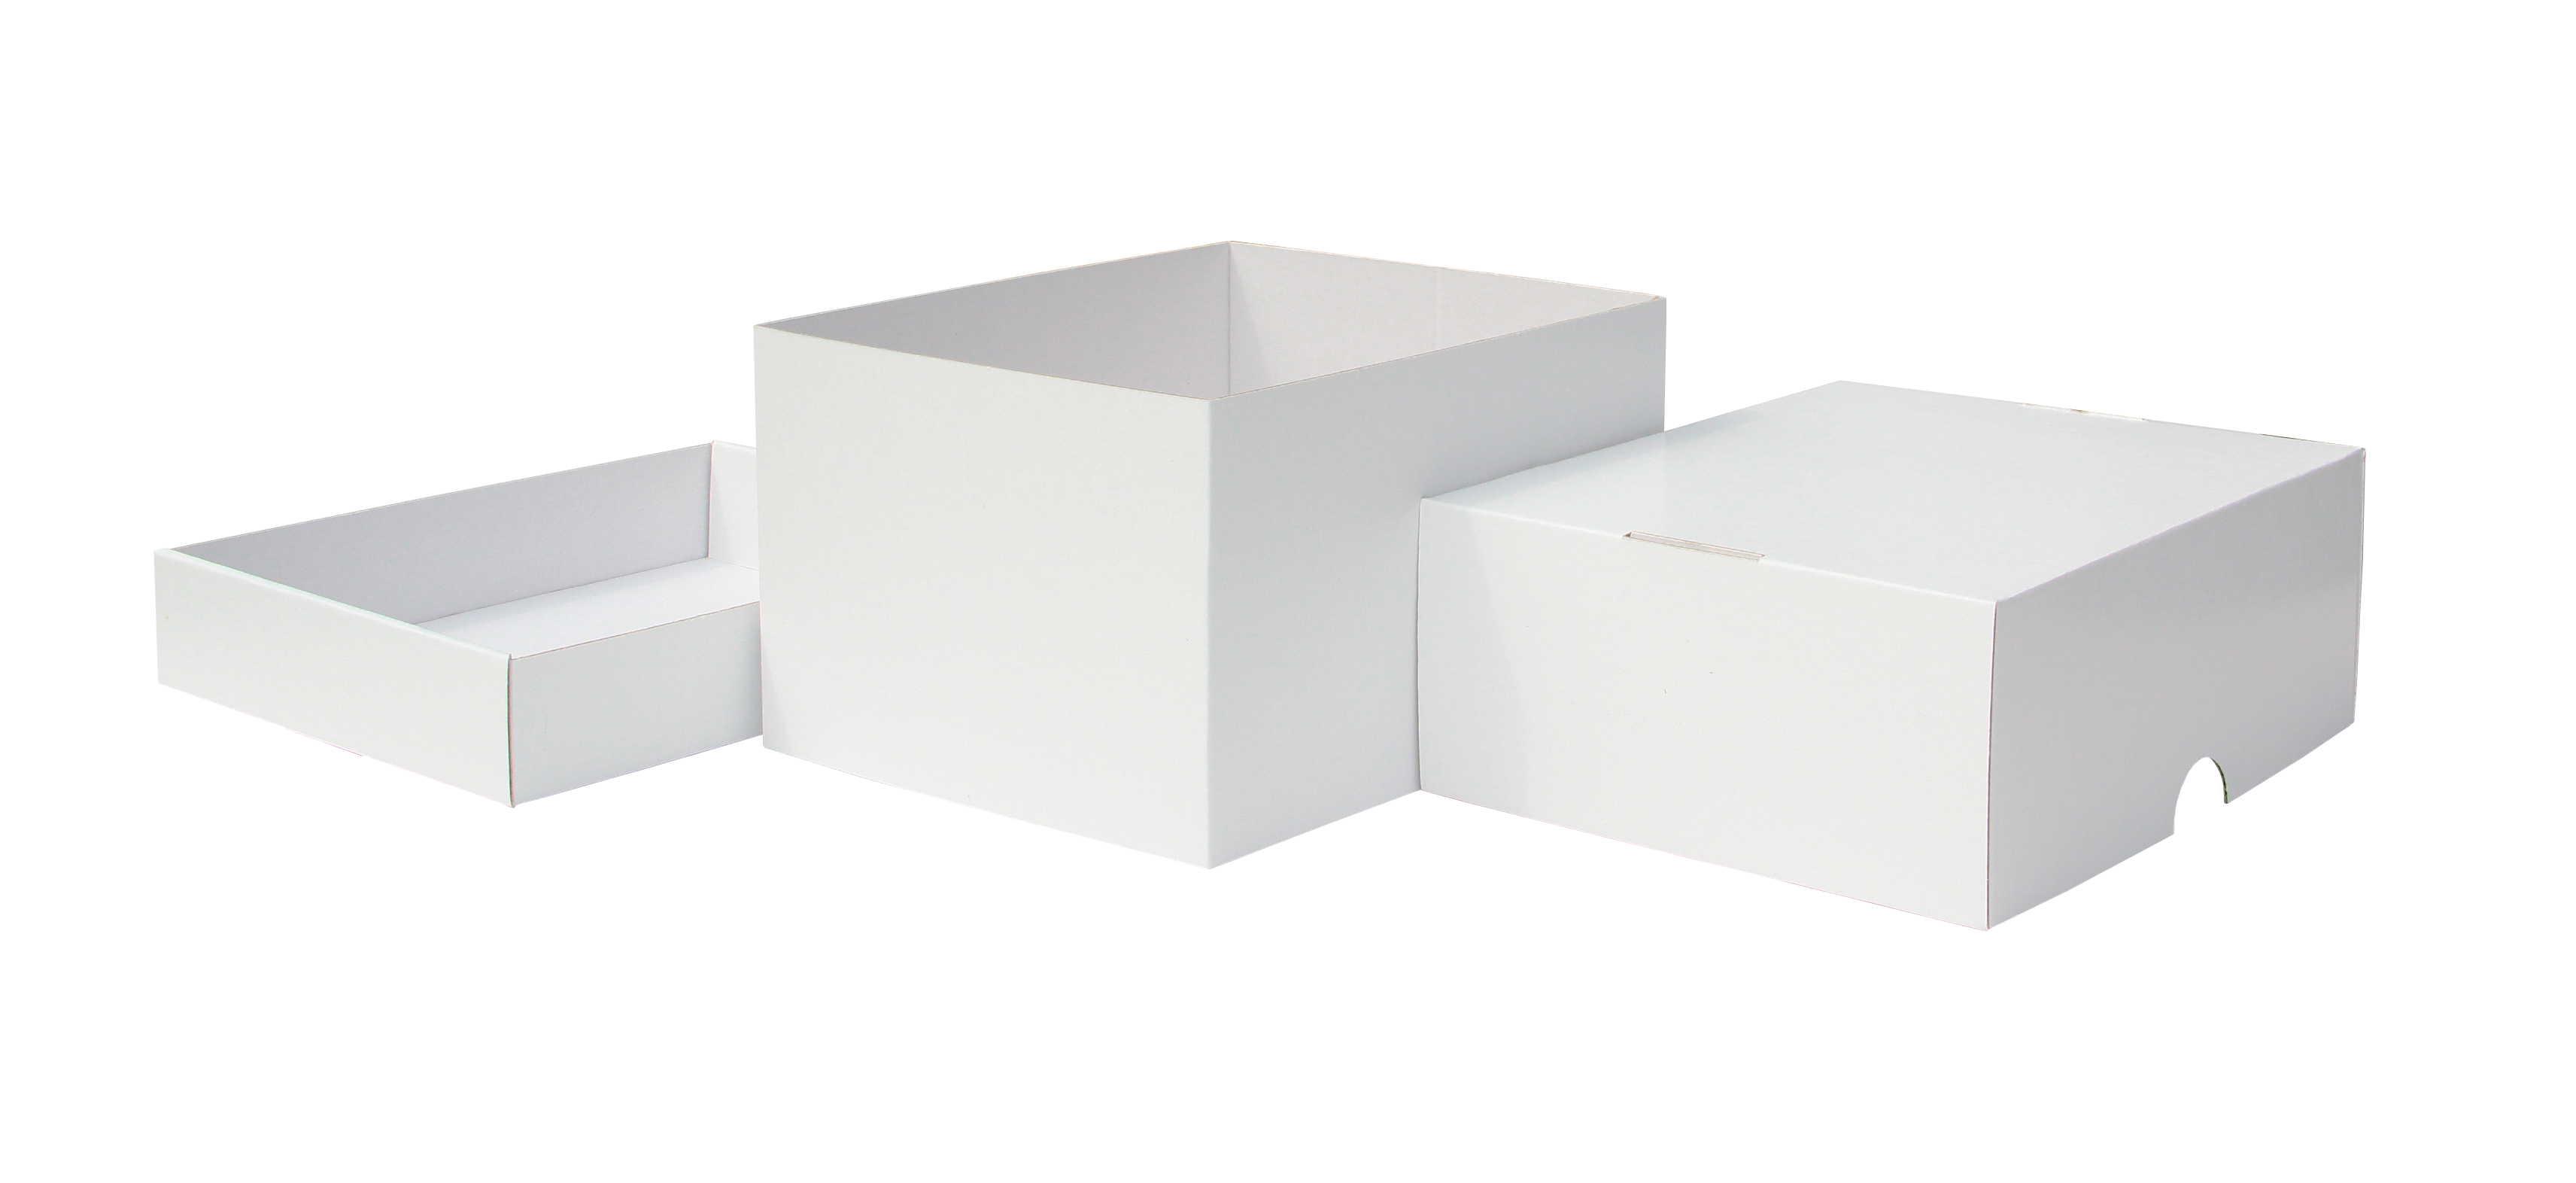 fb66699aa6 Nevíte si rady se složením krabice  Nezoufejte